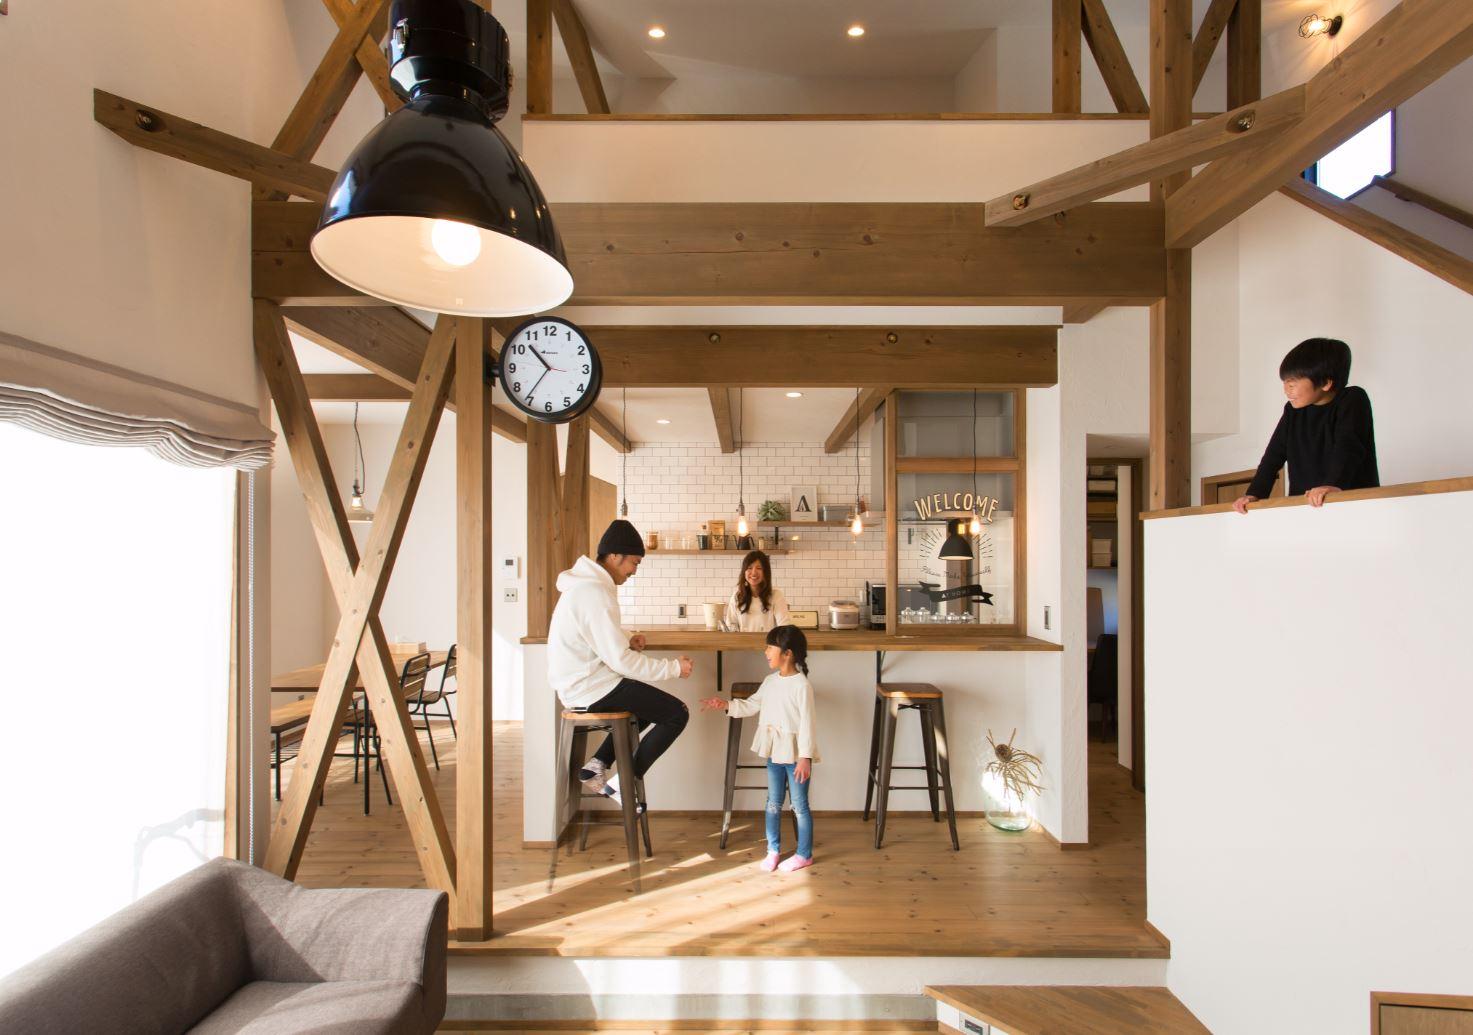 中2階のロフトは子どもたちの憩いのスペース。将来的には、勉強用のカウンターテーブルを設計できる余裕を確保した